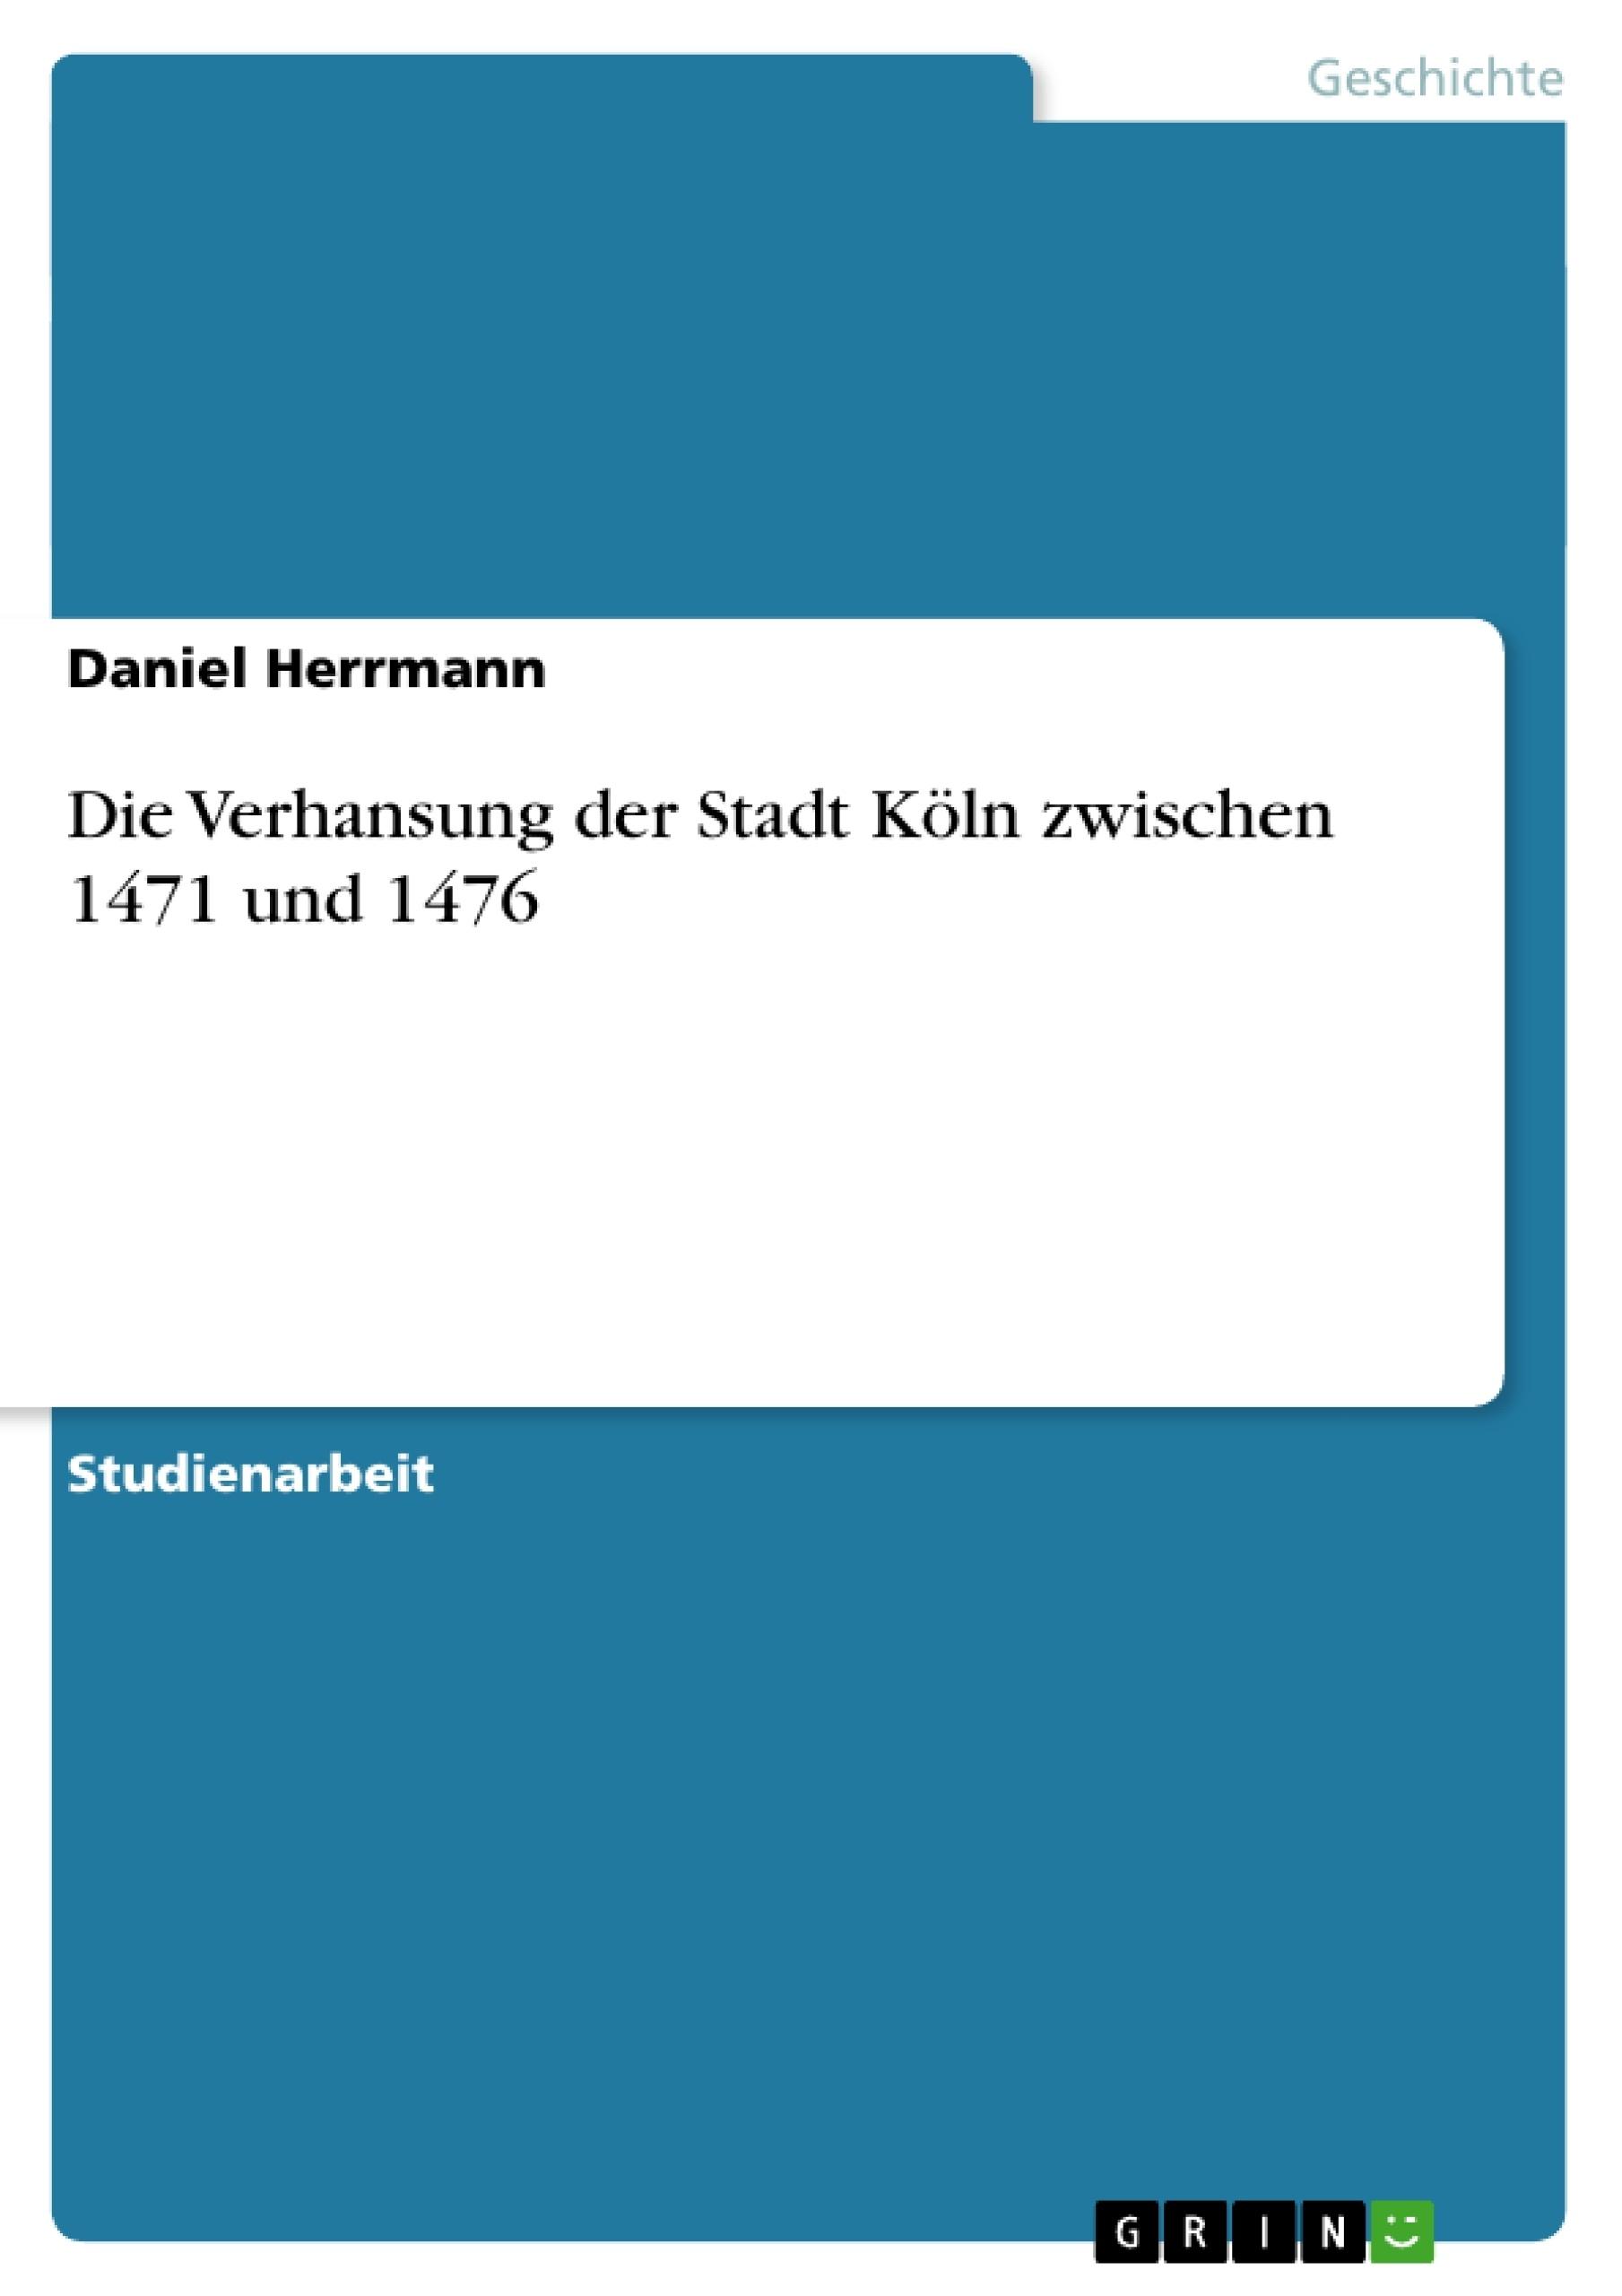 Titel: Die Verhansung der Stadt Köln zwischen 1471 und 1476